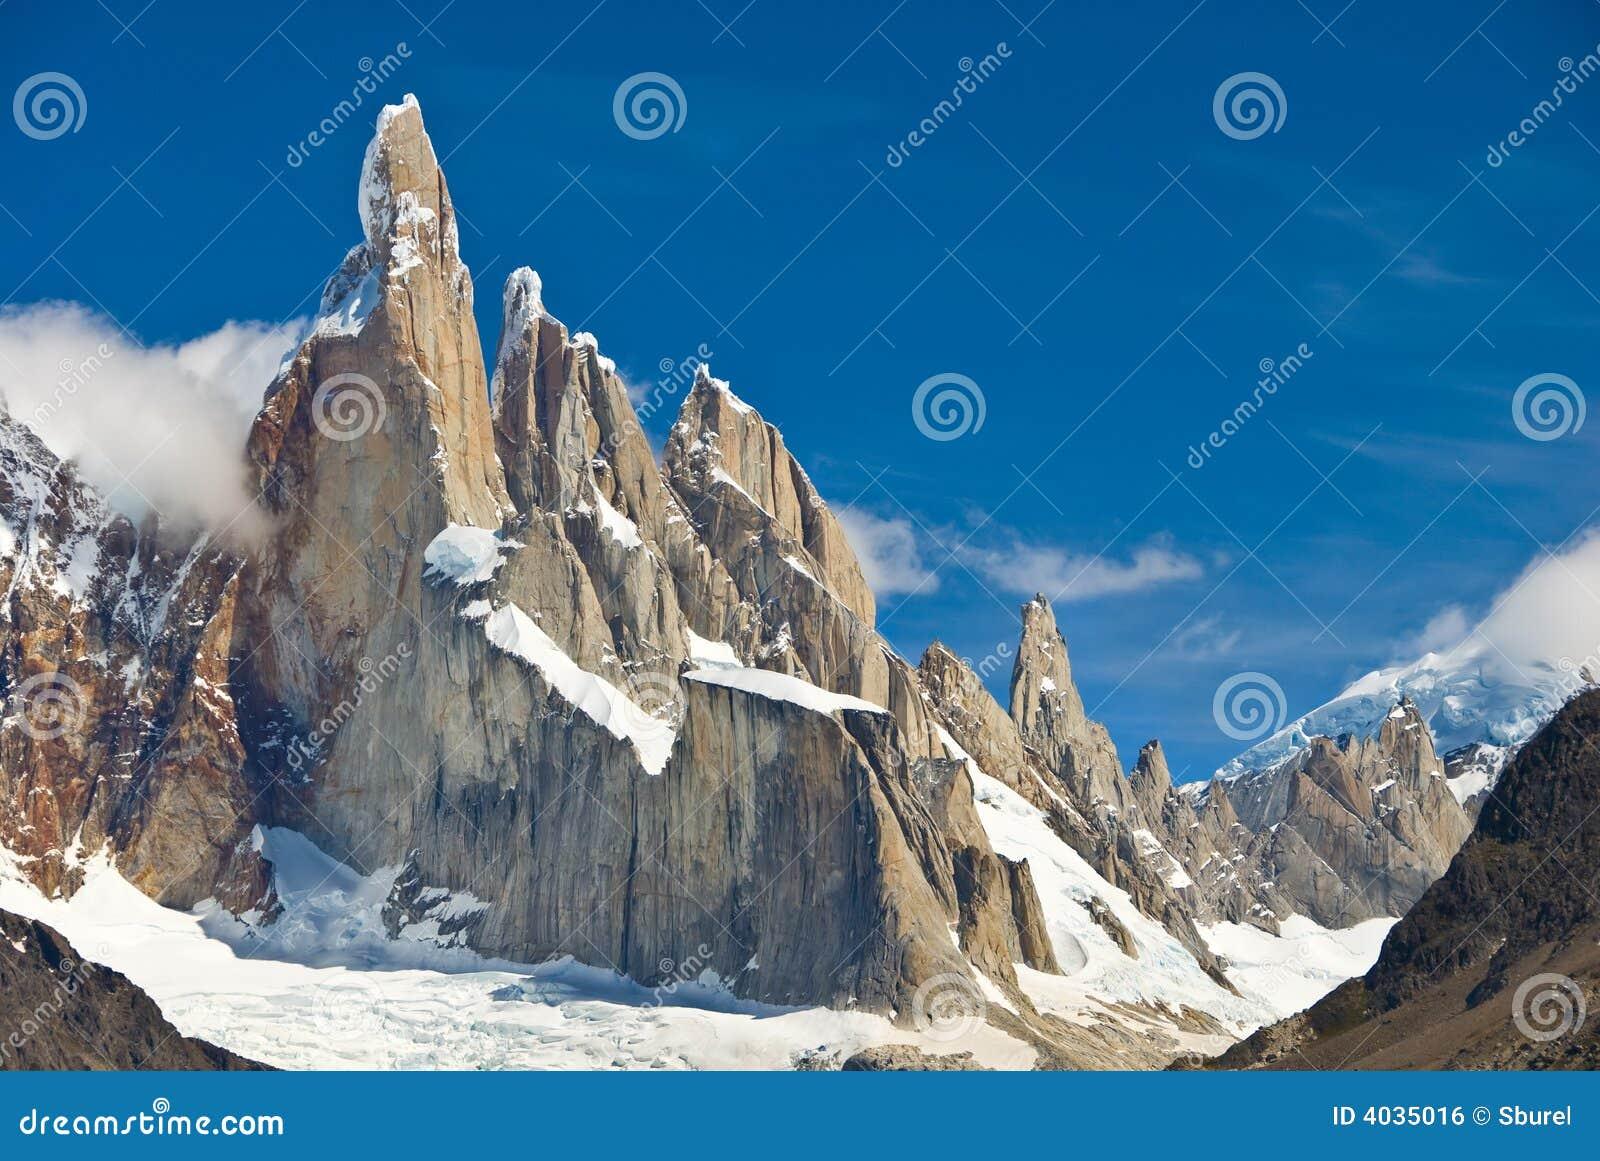 Torre cerro